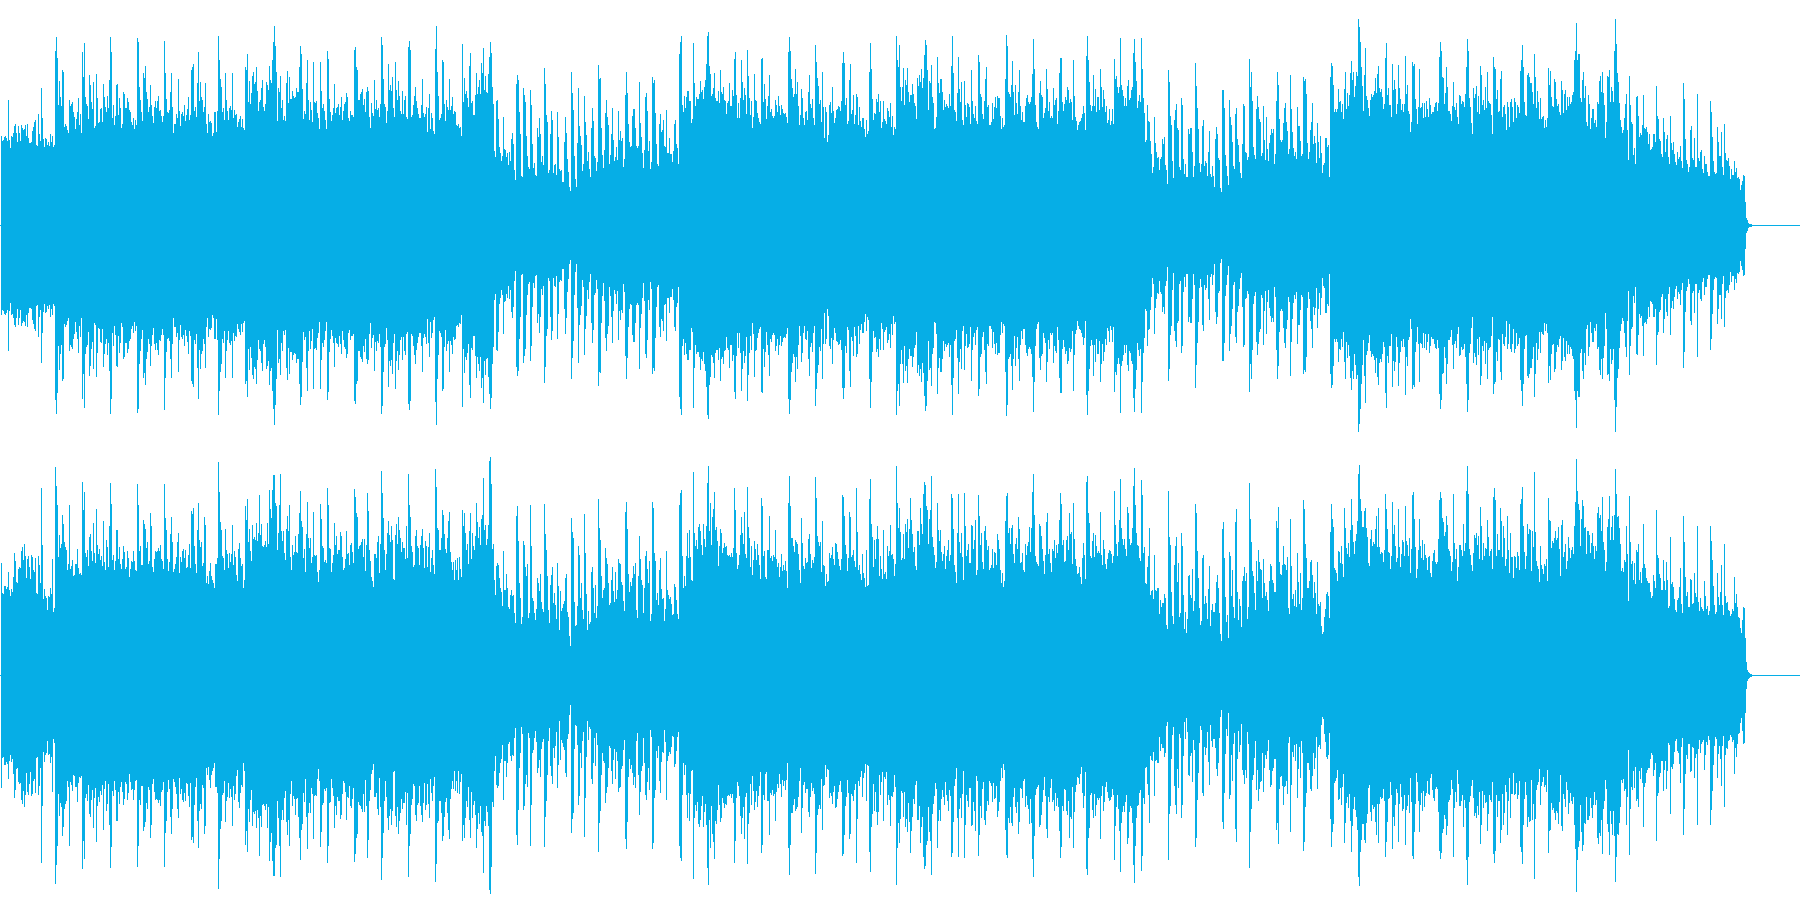 感動 ブライダル よあけ 目覚め 壮大の再生済みの波形